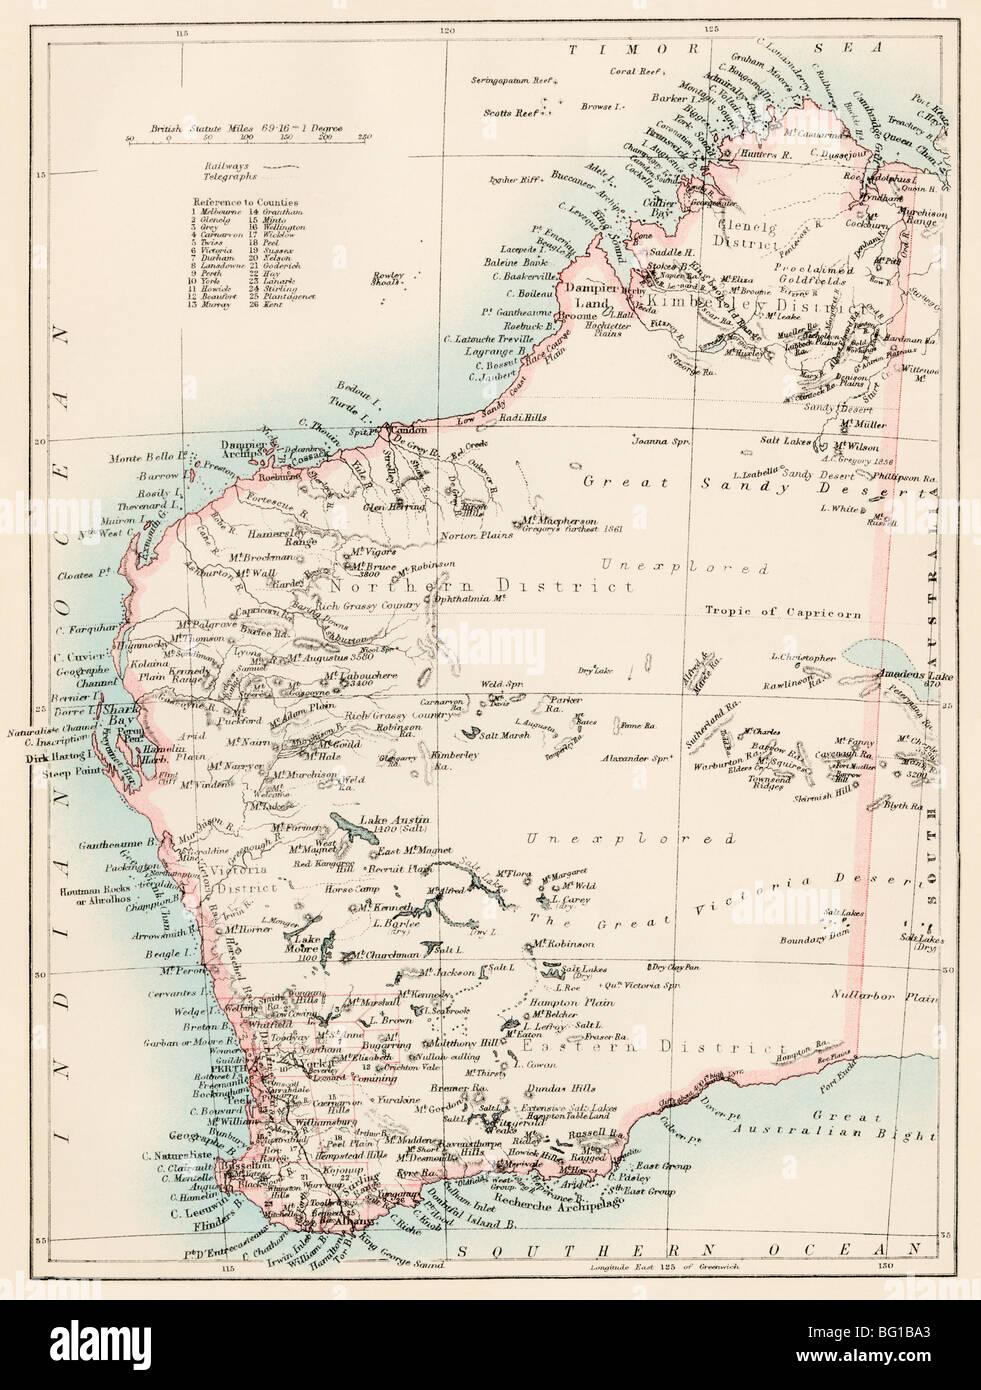 Mappa di Western Australia, 1870s. Litografia a colori Immagini Stock